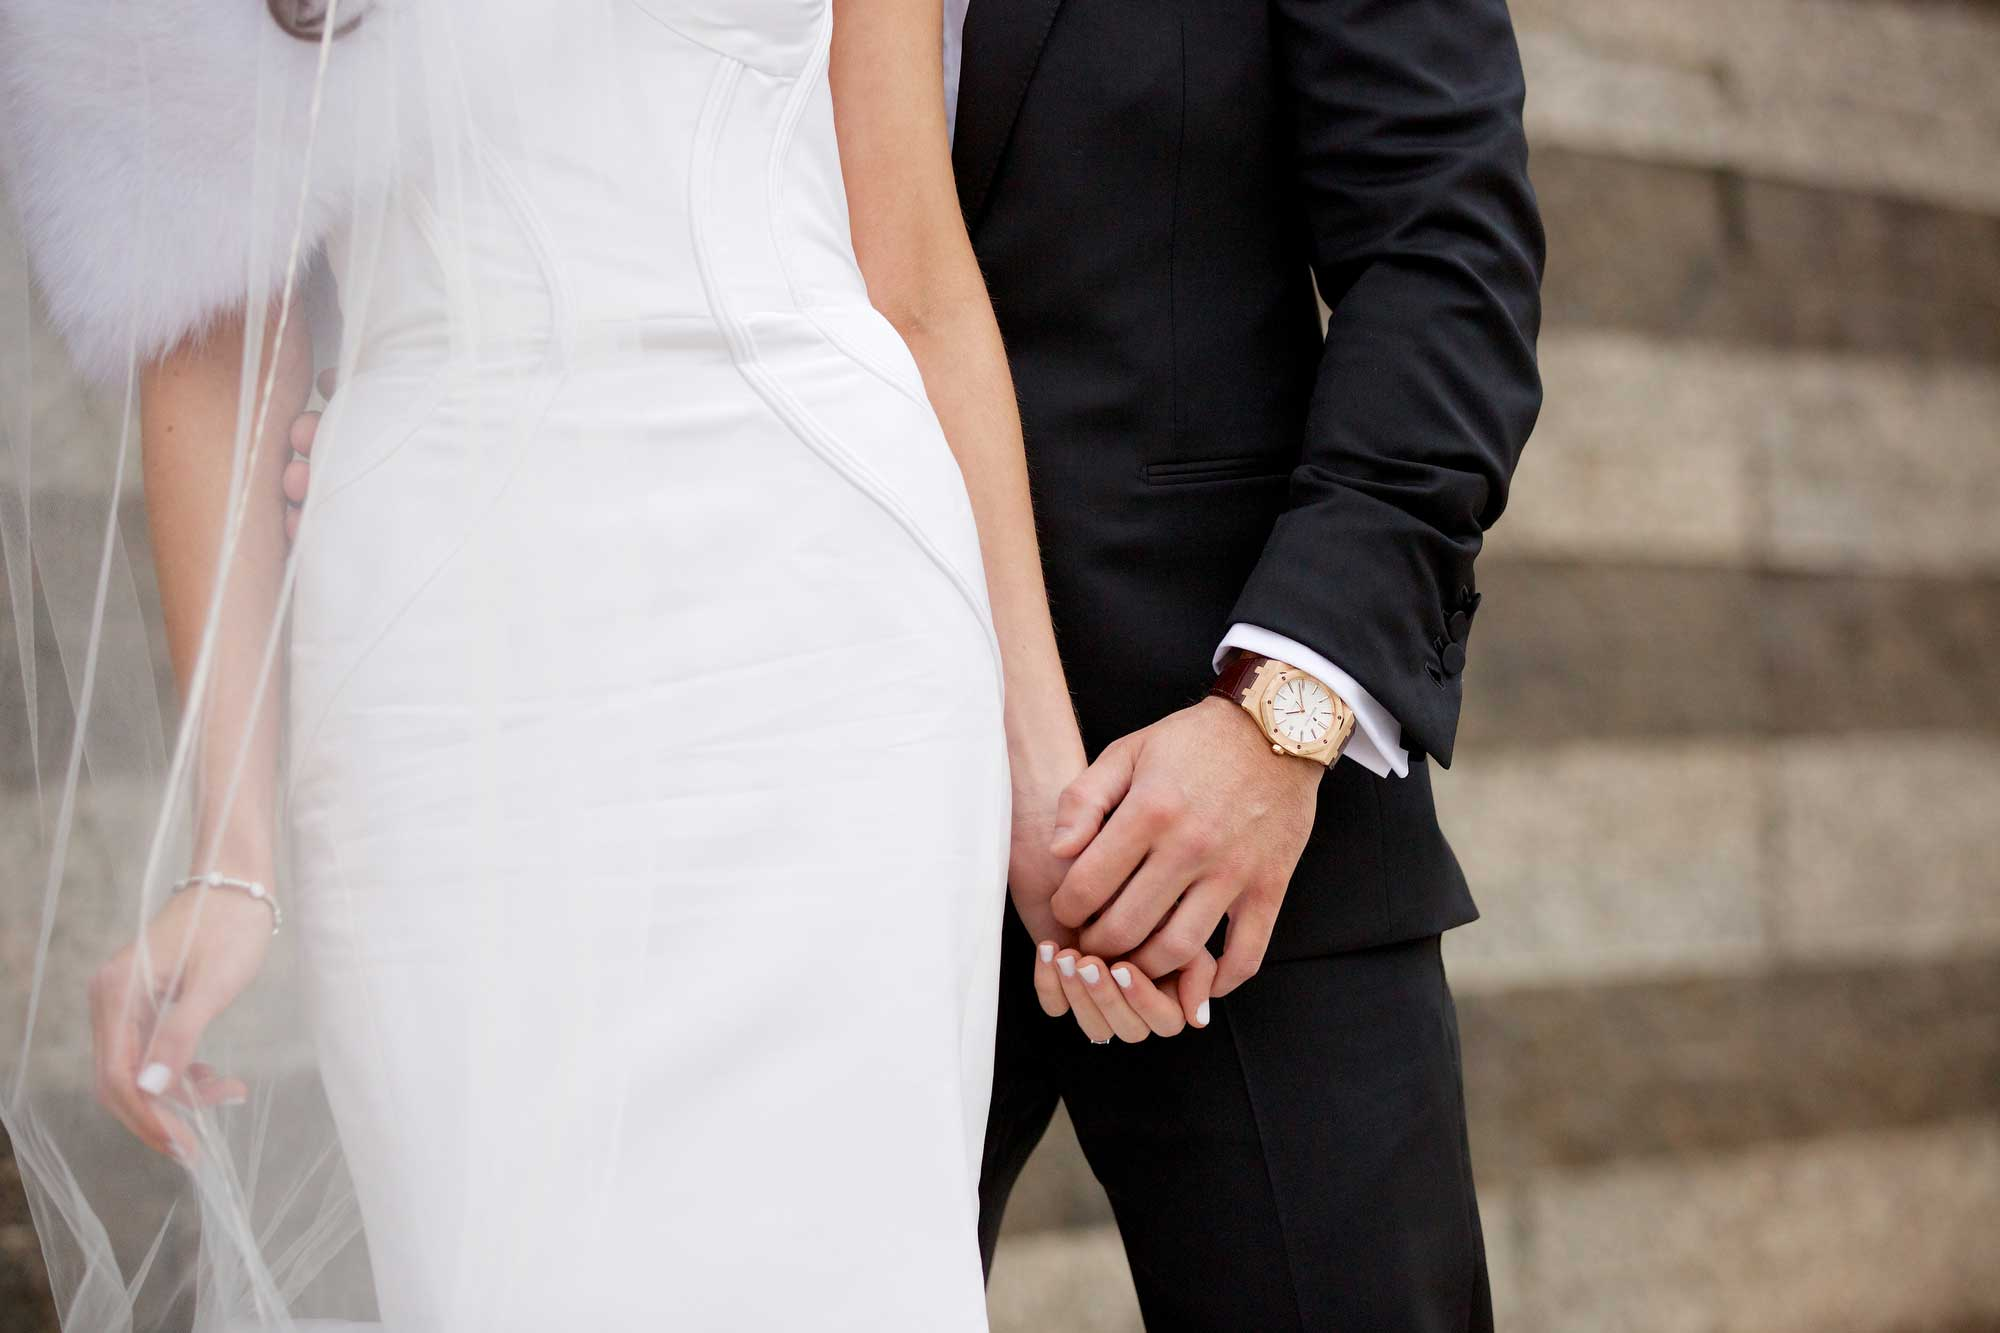 Jennifer Stone wedding manicure for Chad Carroll wedding